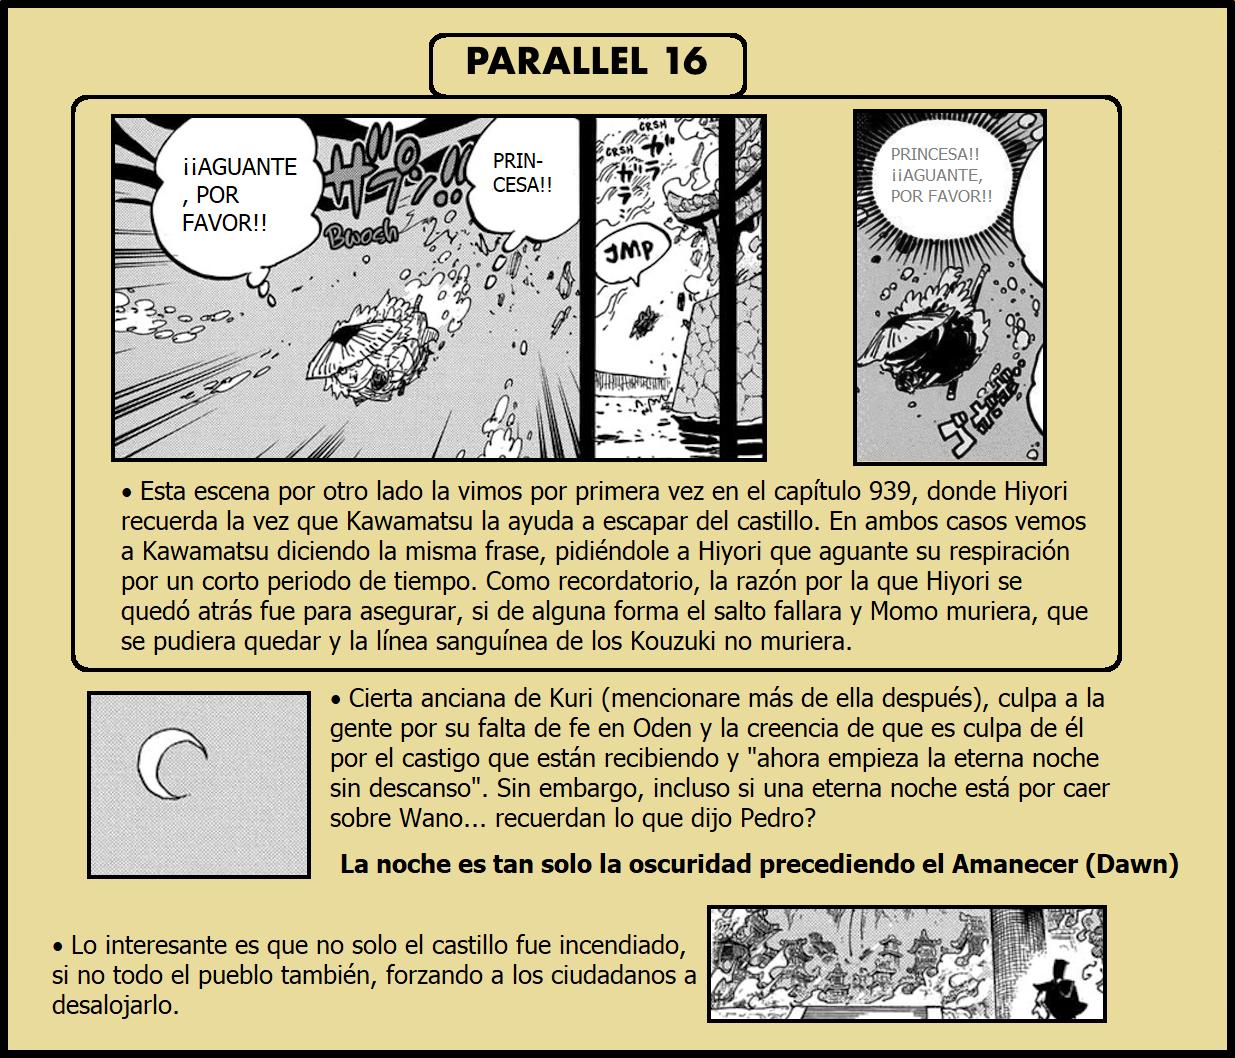 Secretos & Curiosidades - One Piece Manga 973 12